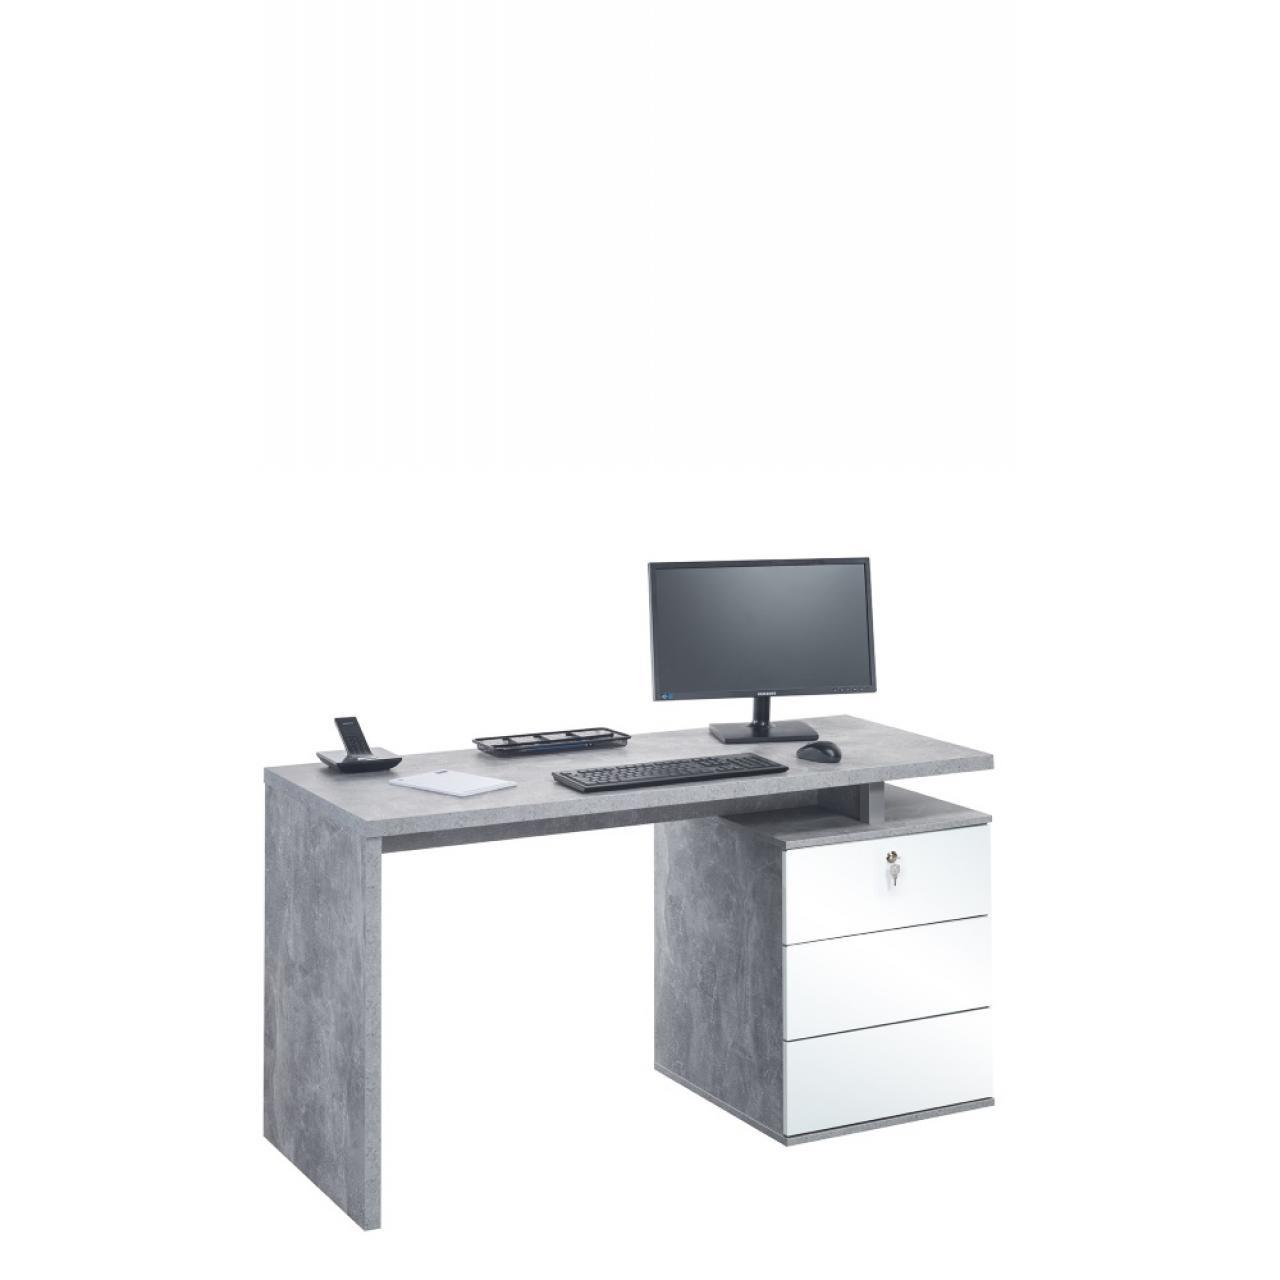 Schreib- und Computertisch Betonoptik/Weiß Hochglanz